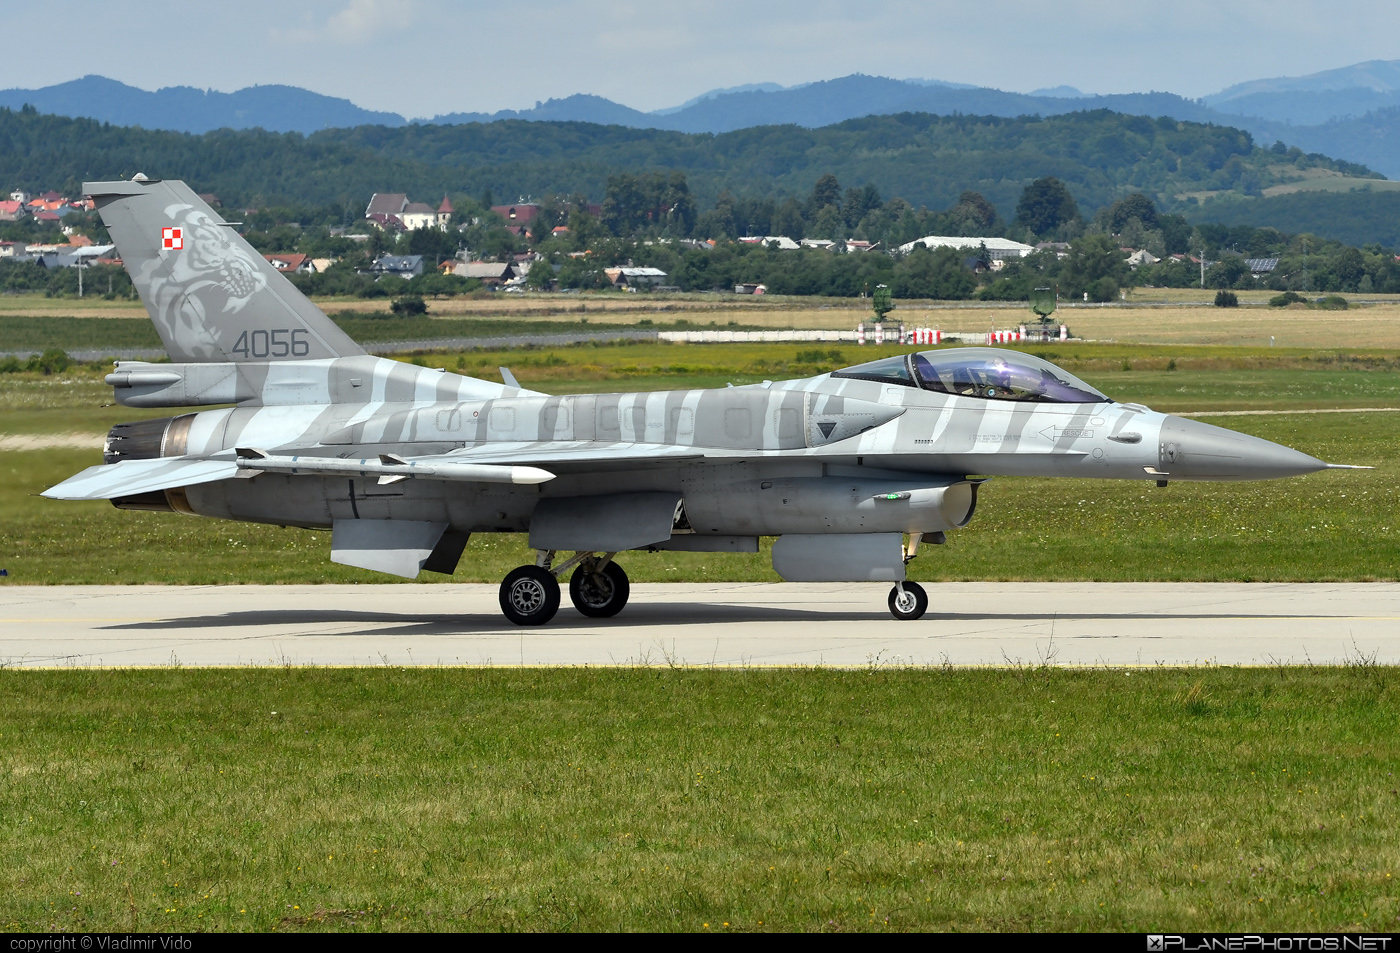 Lockheed Martin F-16CJ Fighting Falcon - 4056 operated by Siły Powietrzne Rzeczypospolitej Polskiej (Polish Air Force) #f16 #f16cj #fightingfalcon #lockheedmartin #polishairforce #siaf2019 #silypowietrzne